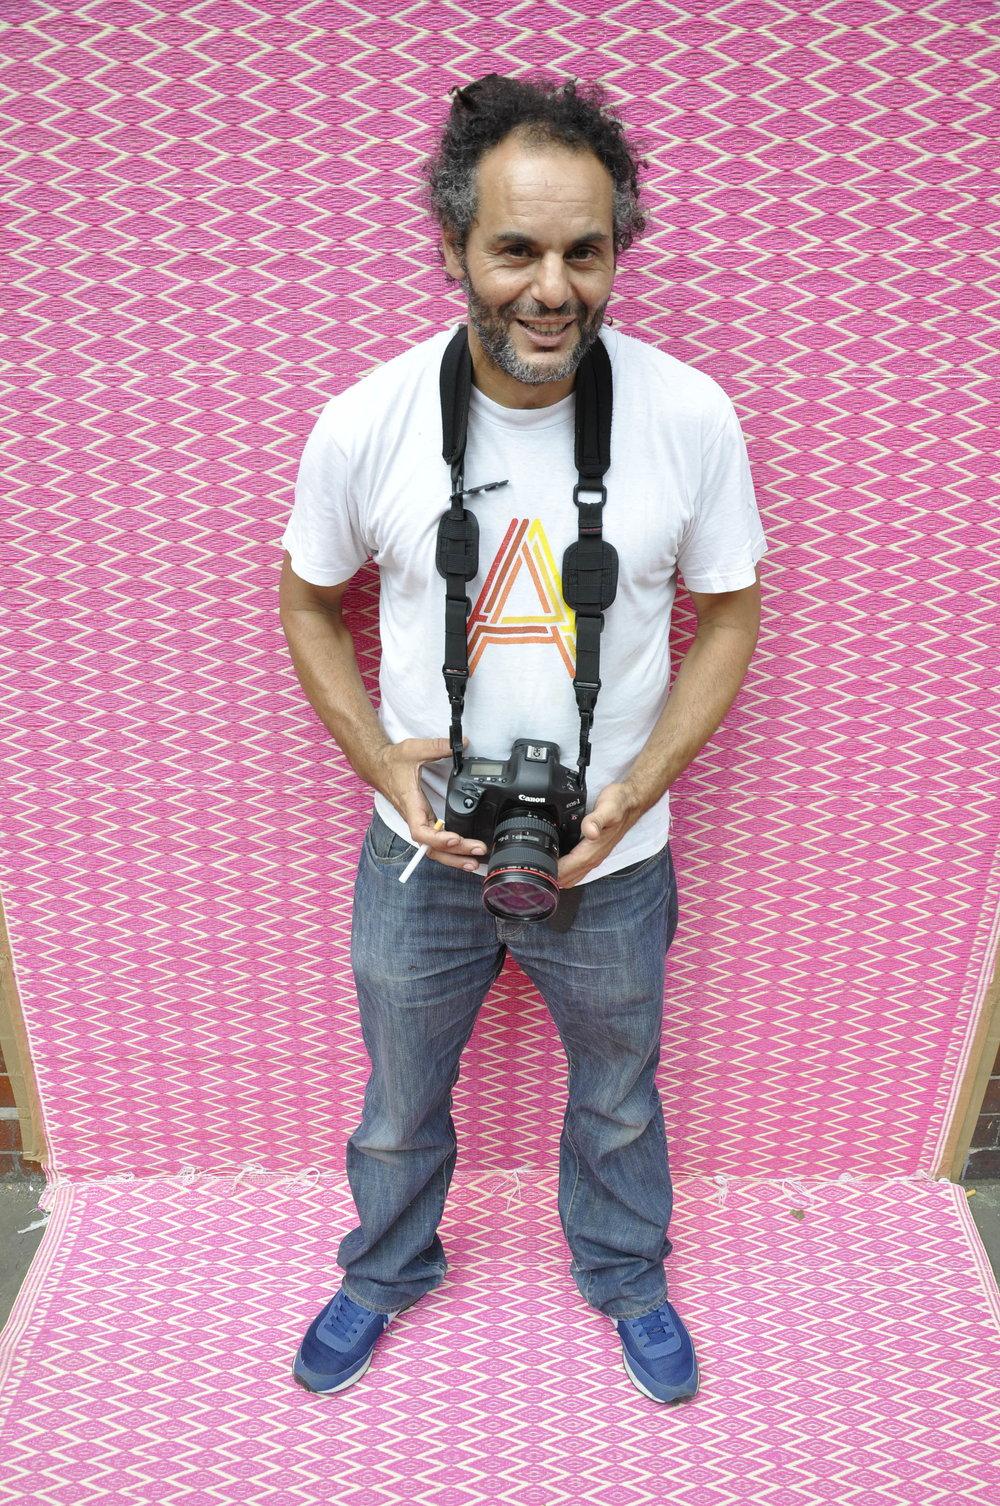 Hassan Hajjaj by Jenny Fremont. Image courtesy of Hassan Hajjaj